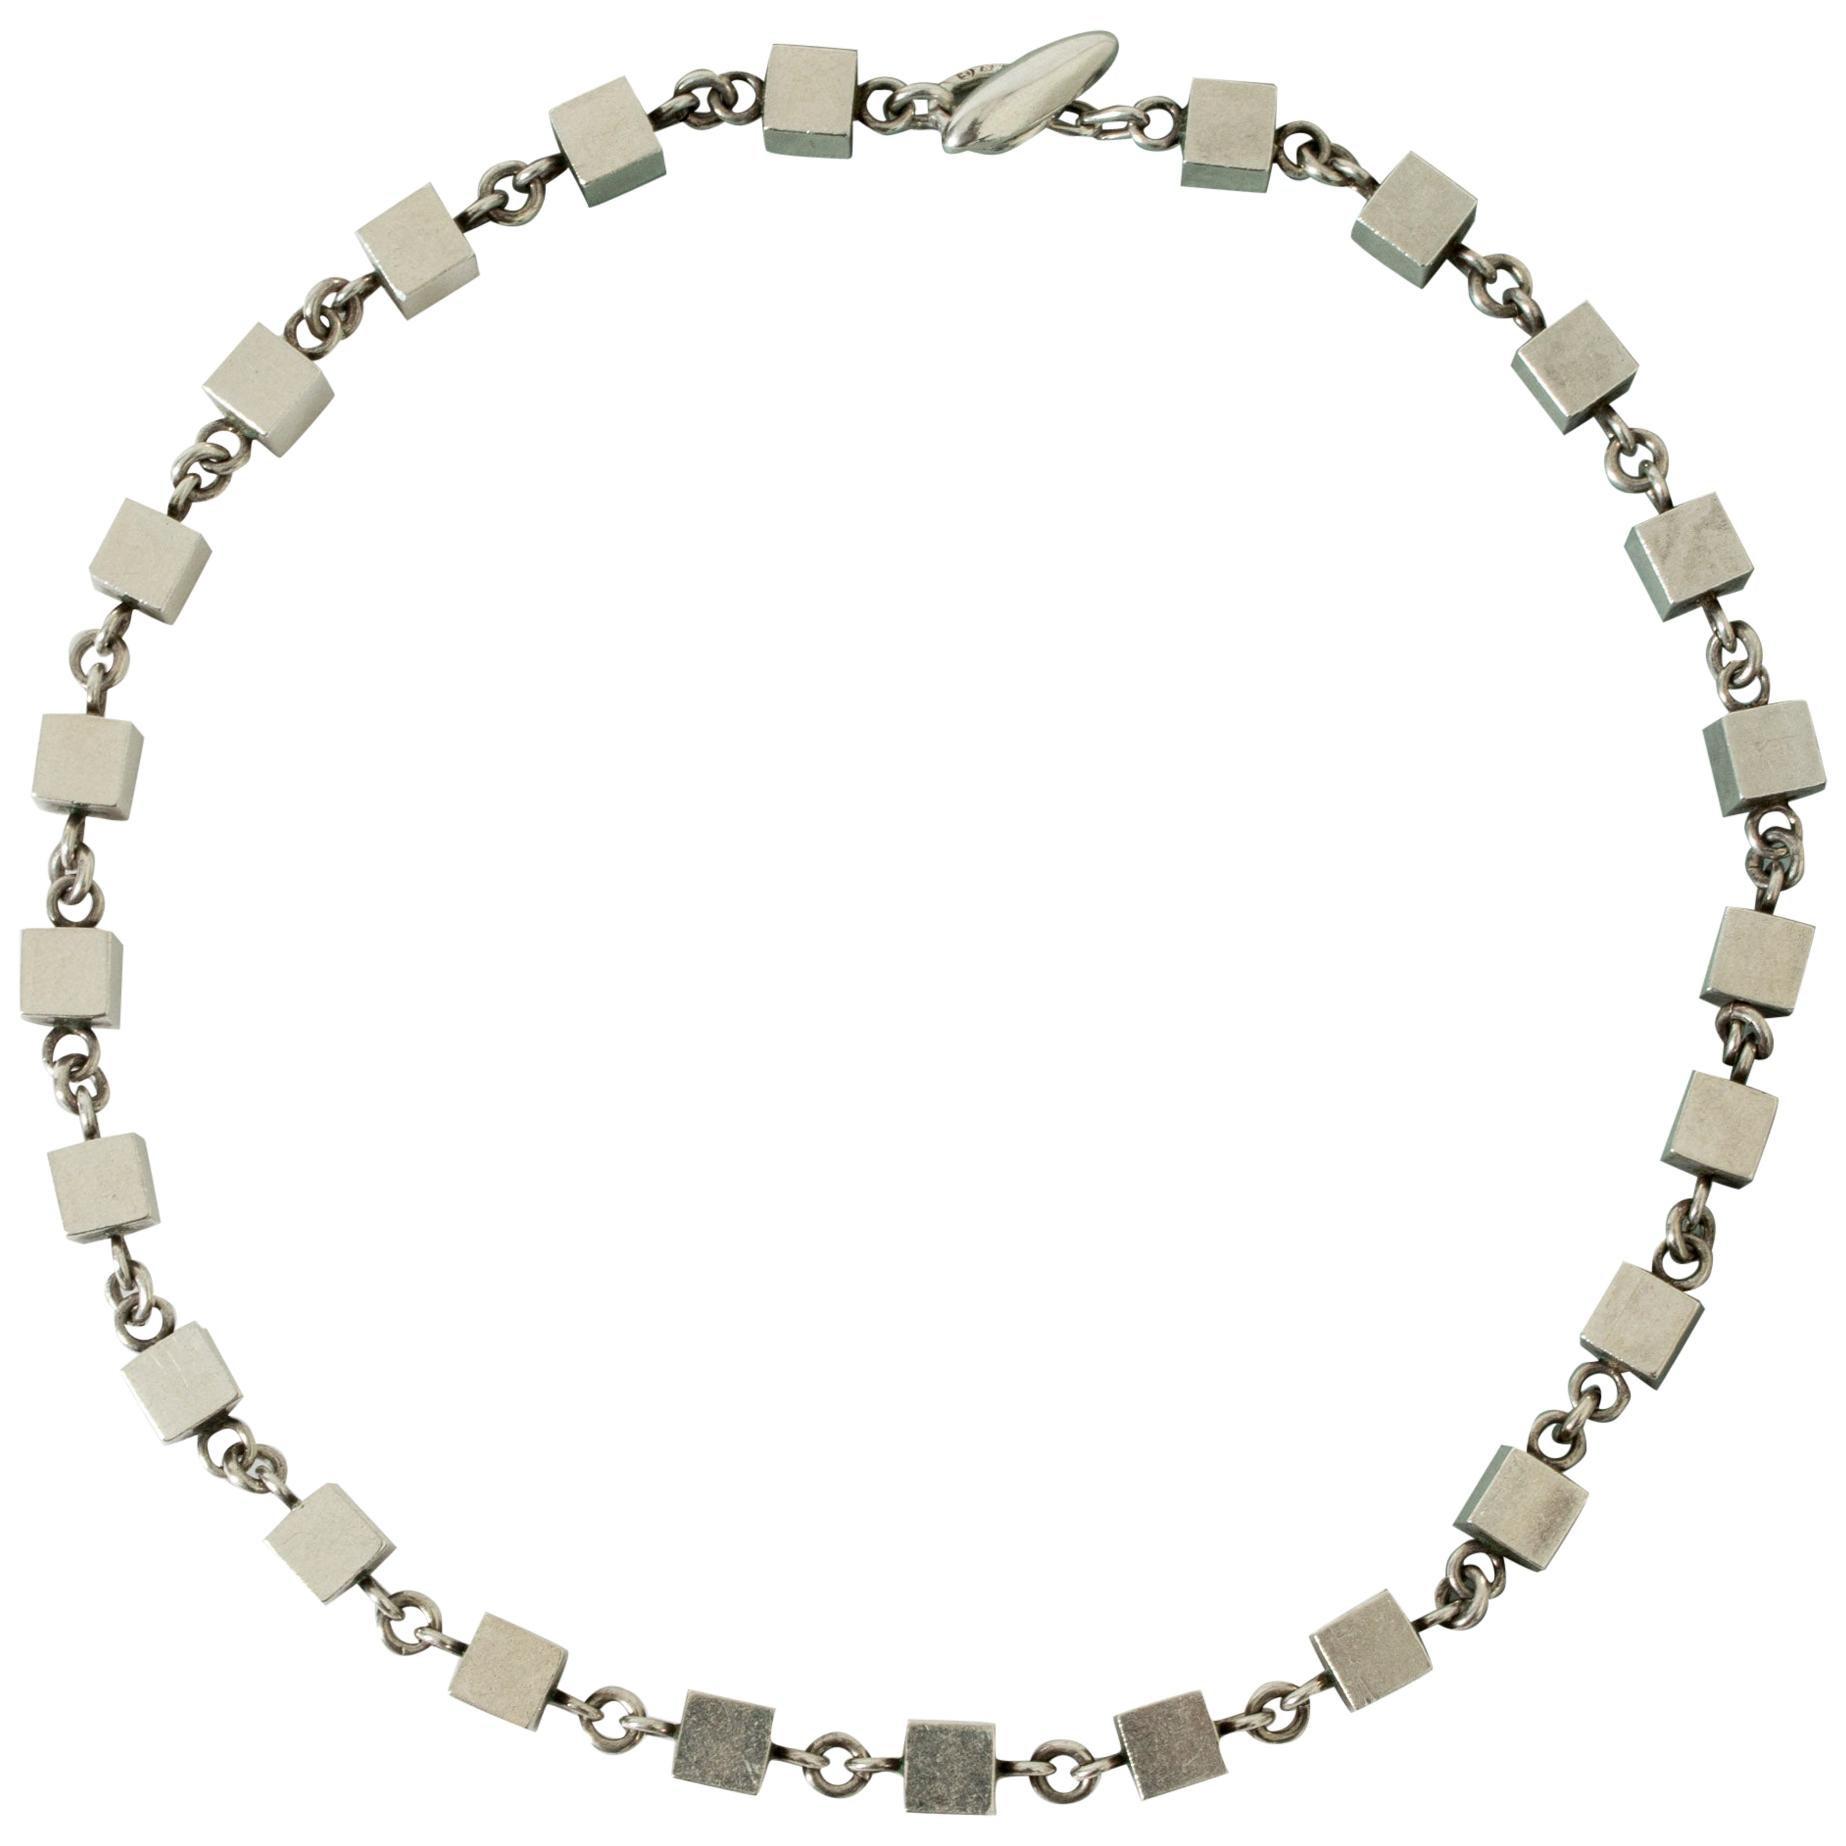 Silver Collier by Arvo Saarela, Sweden, 1962